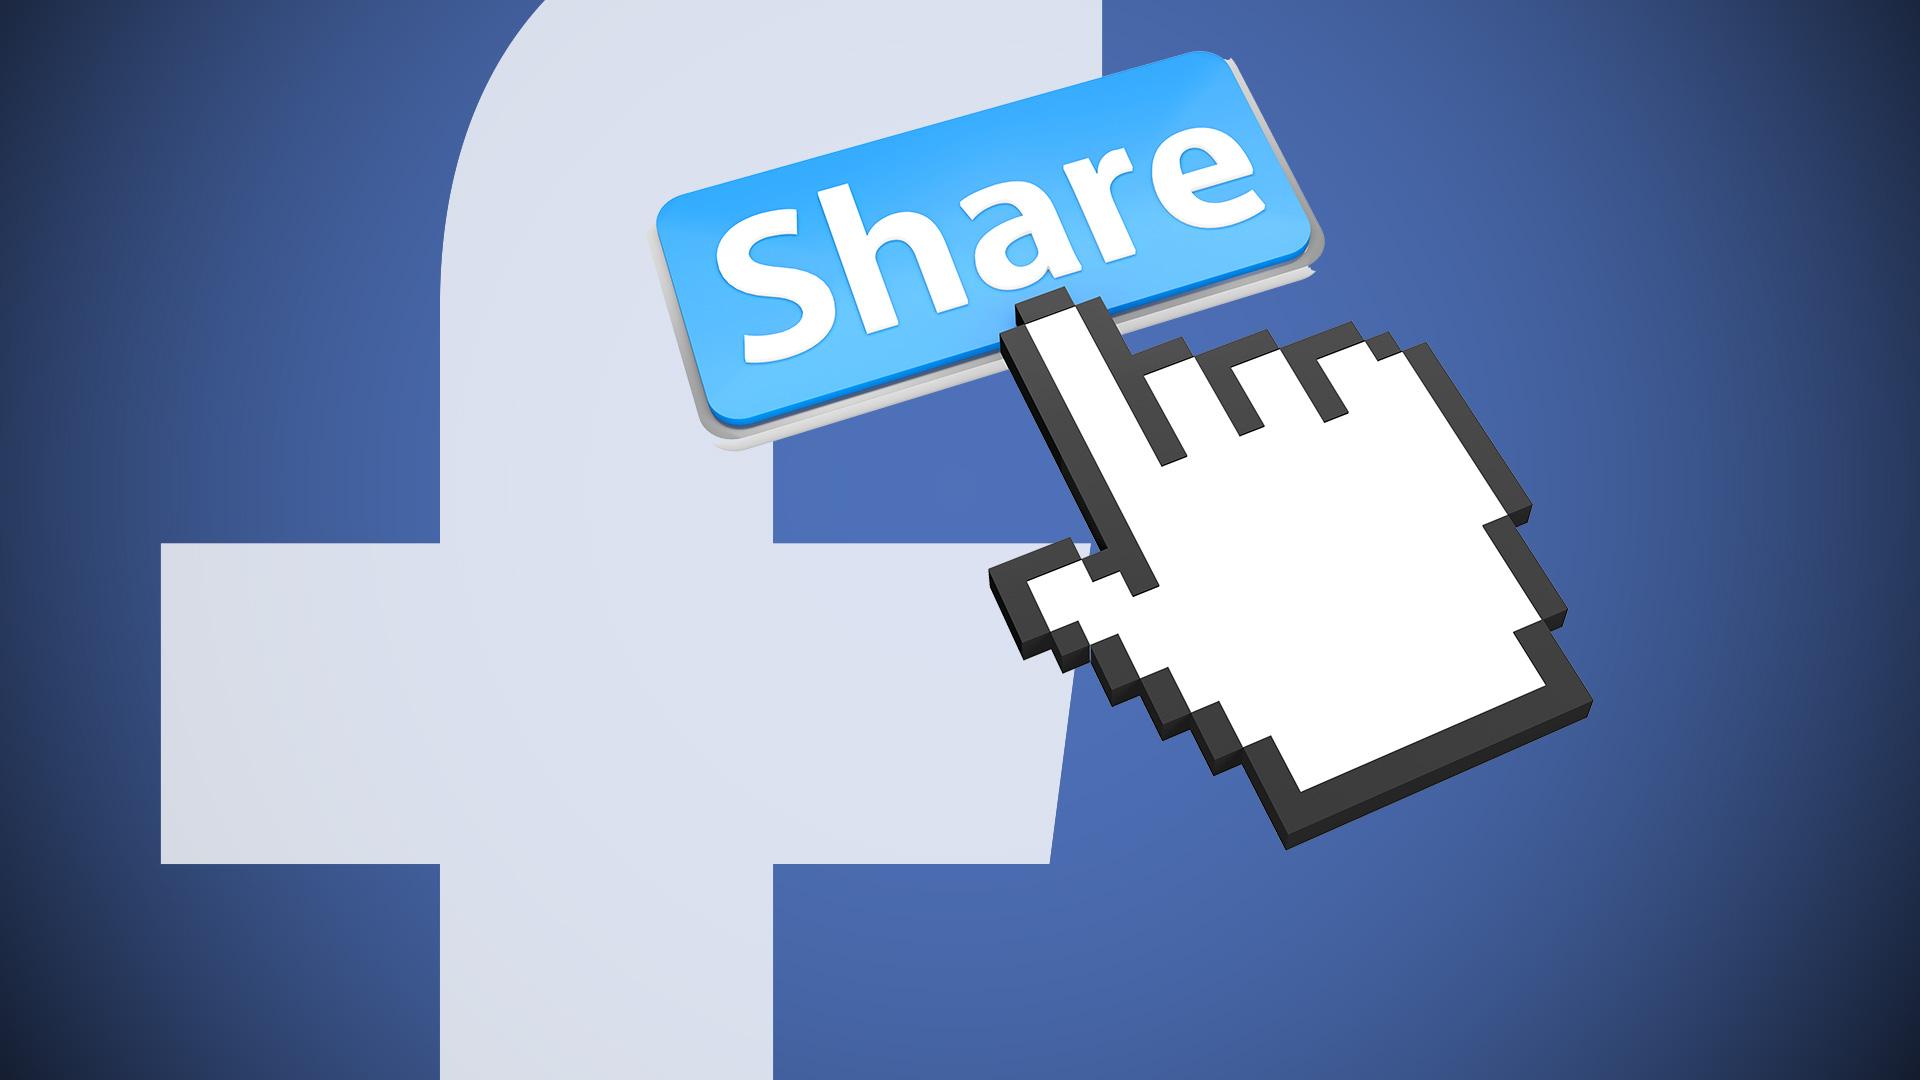 a 4 mẹo Share Livestream không bị chặn hiệu quả 2020